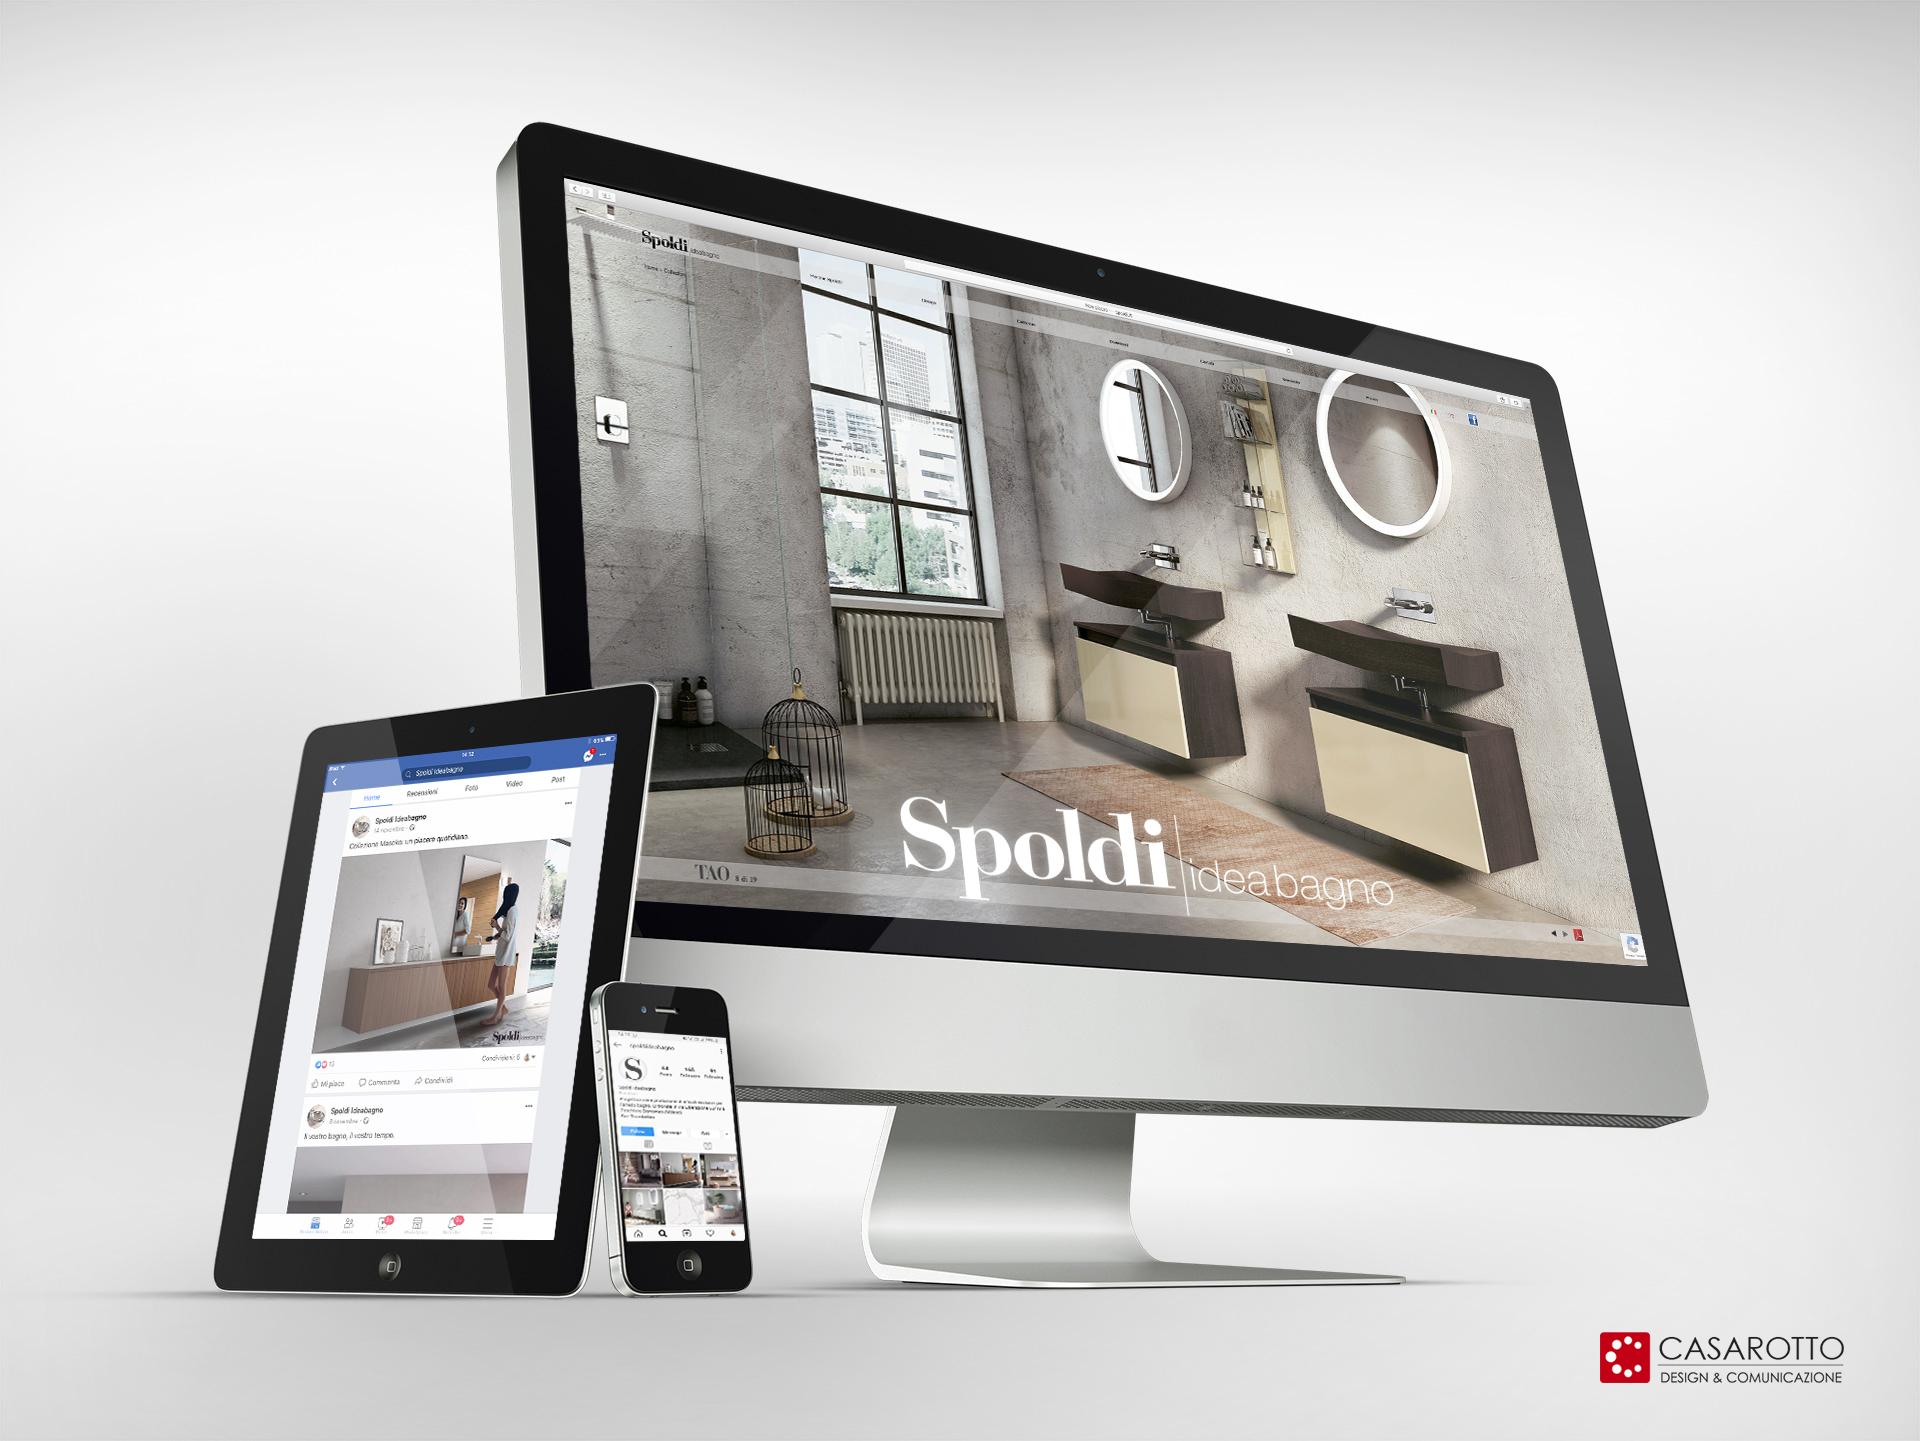 casarotto design comunicazione castiglione stiviere mantova social network realizzazione mantenimento siti web design brand identity